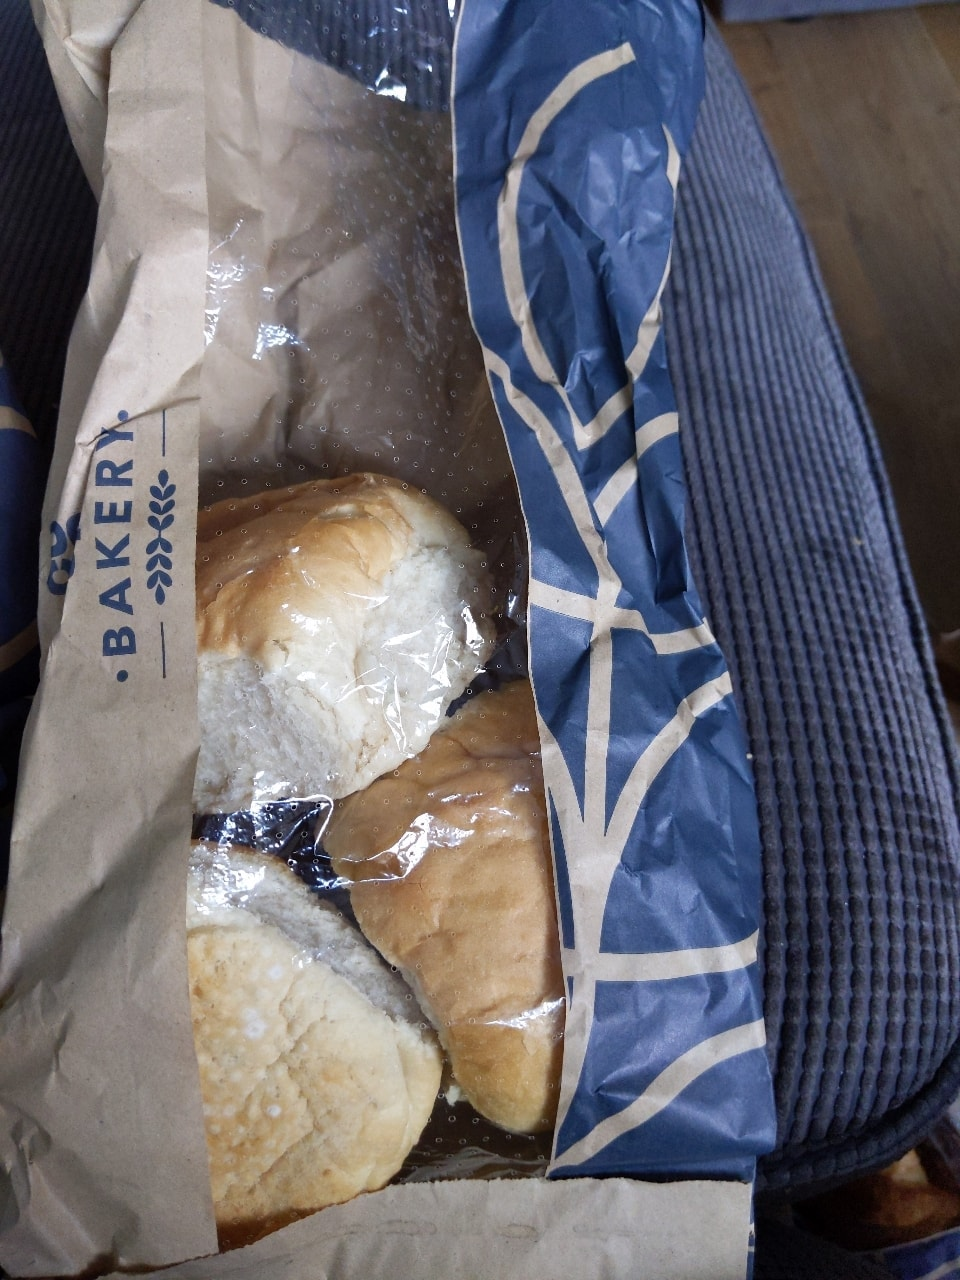 3 white crusty rolls